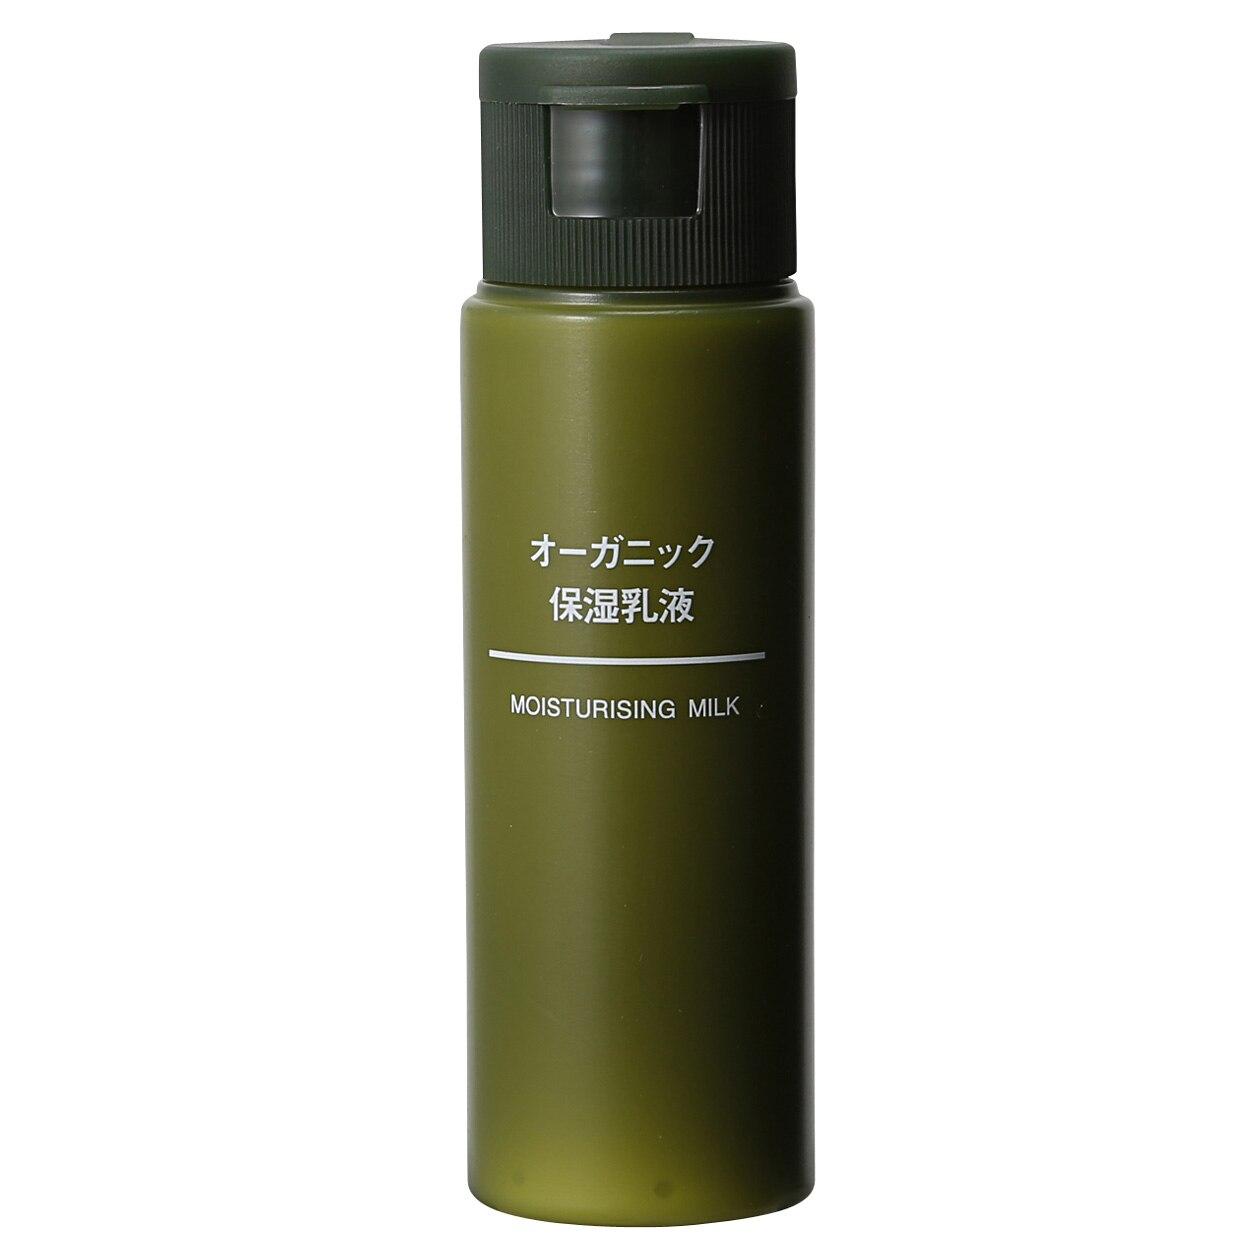 オーガニック保湿乳液(携帯用)